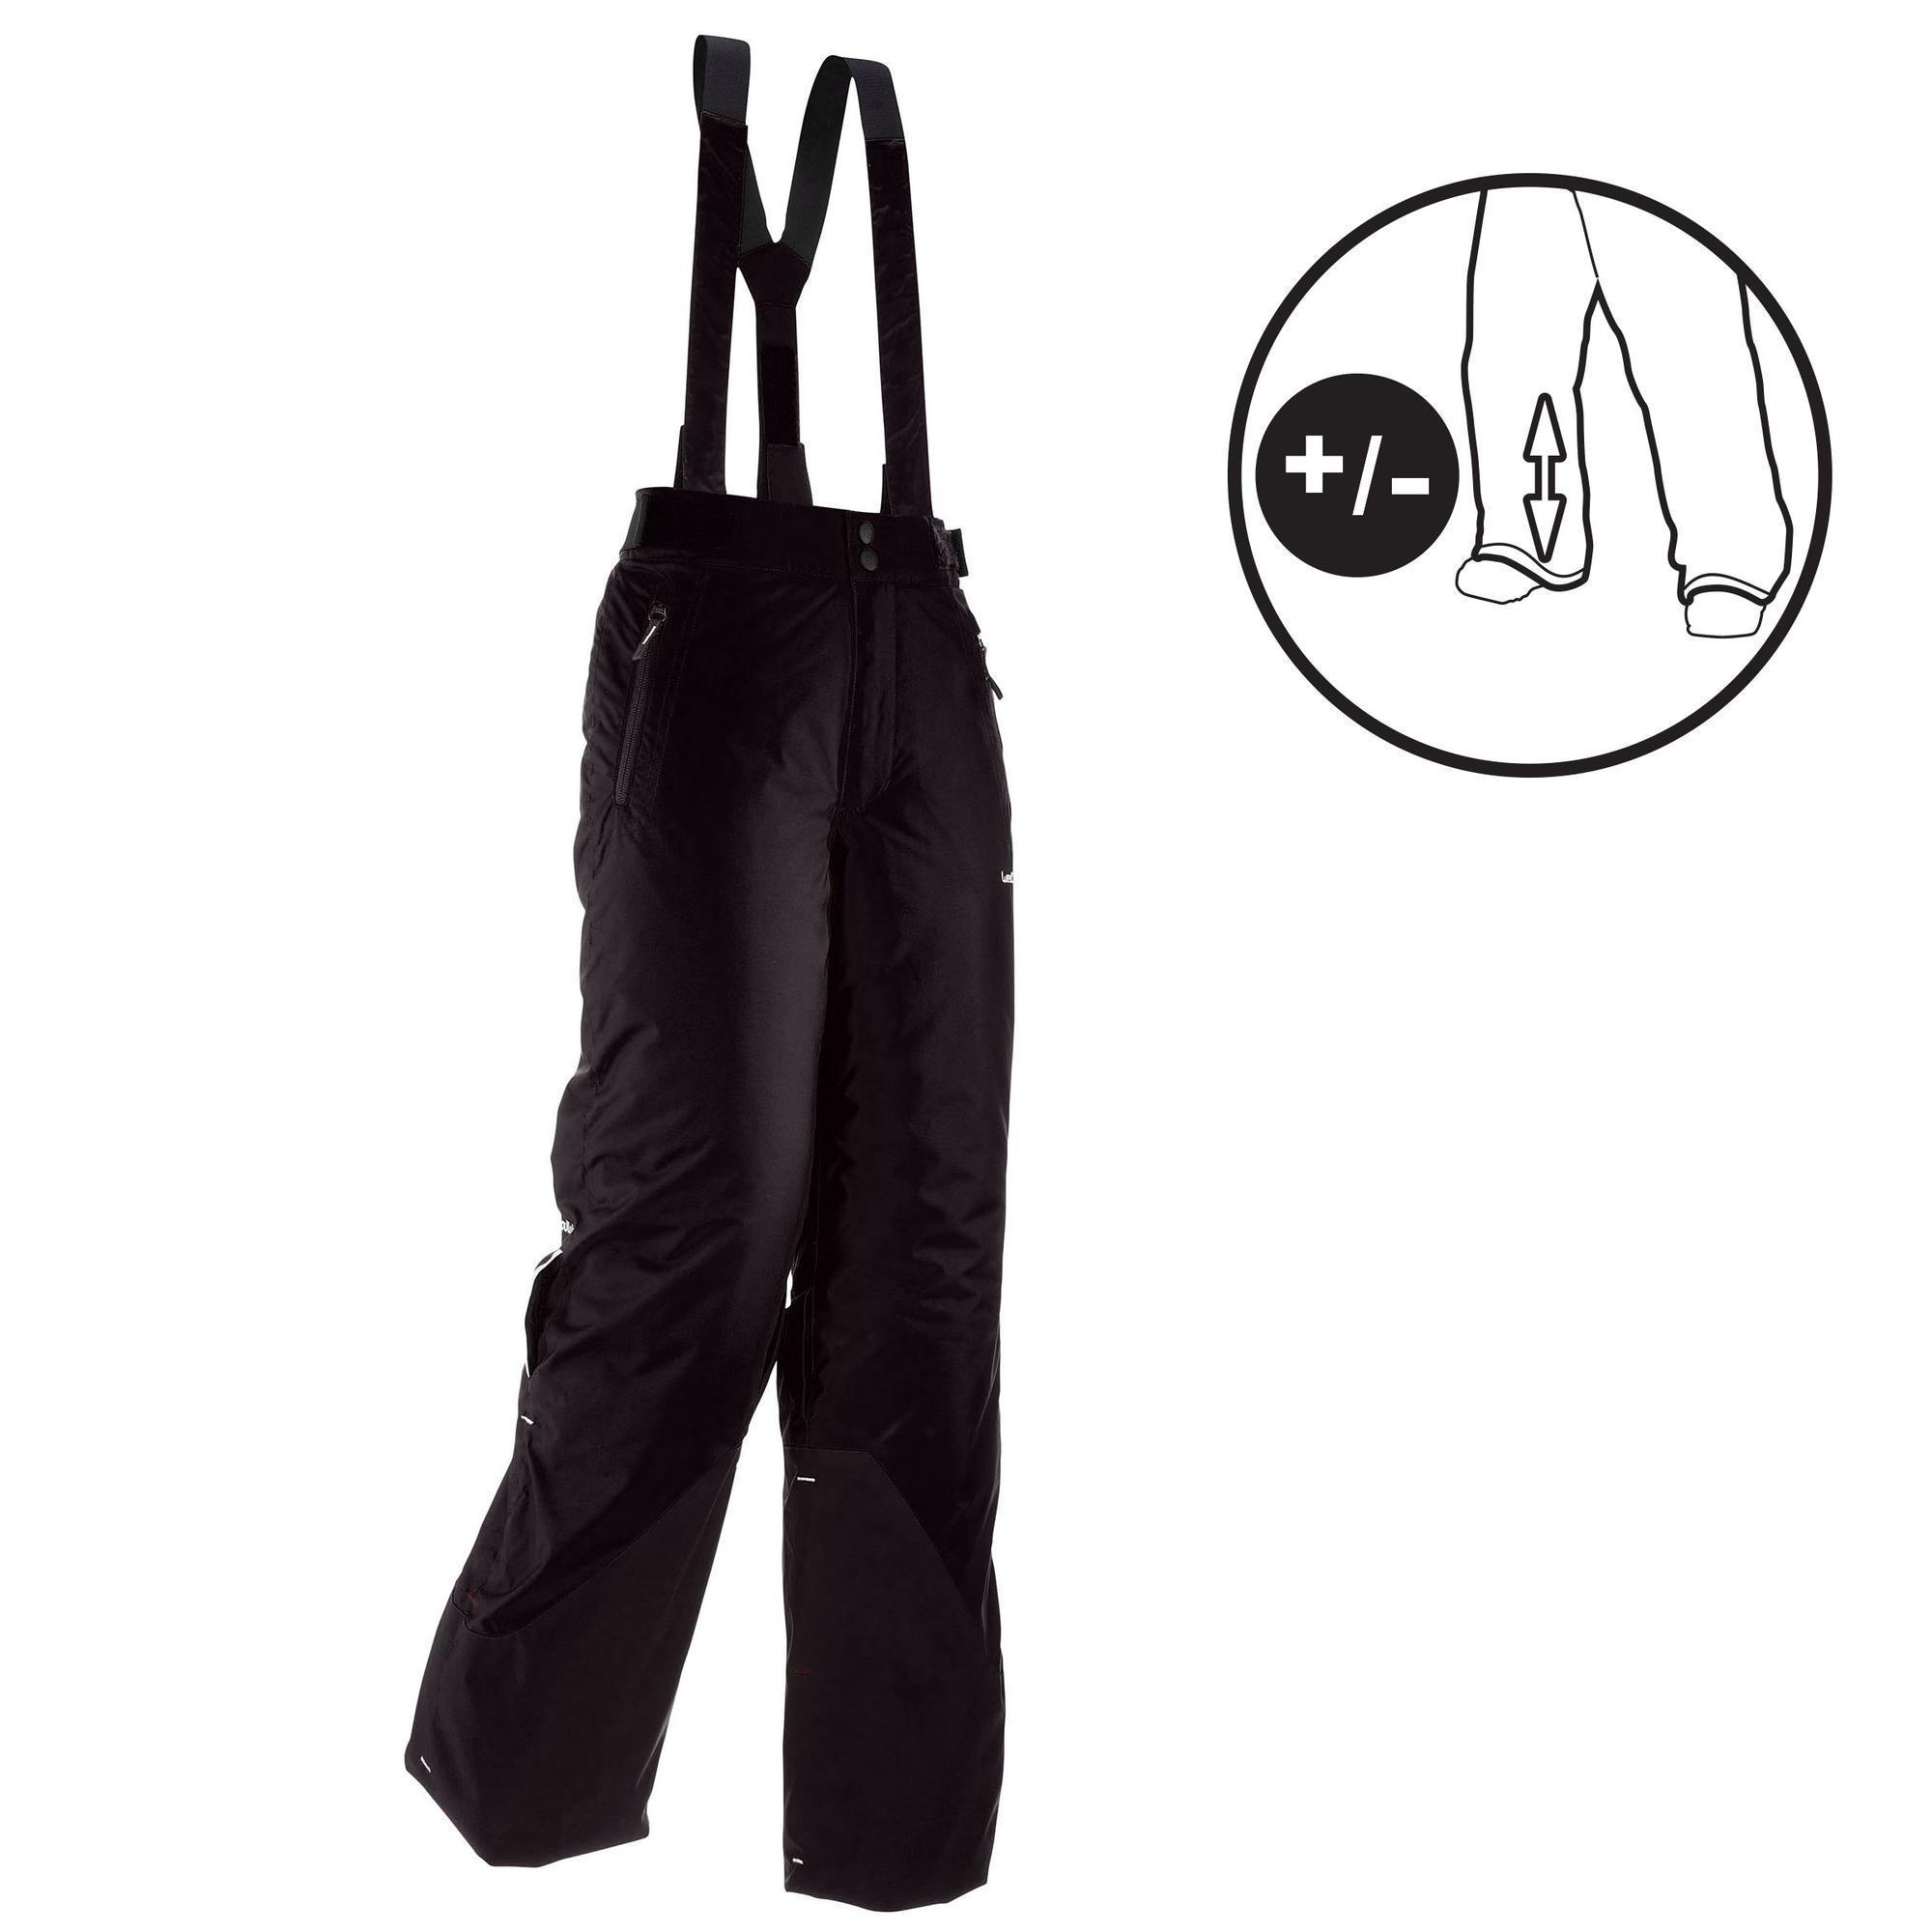 Comprar Pantalones de Nieve para Niños online  e45e1b0ce148